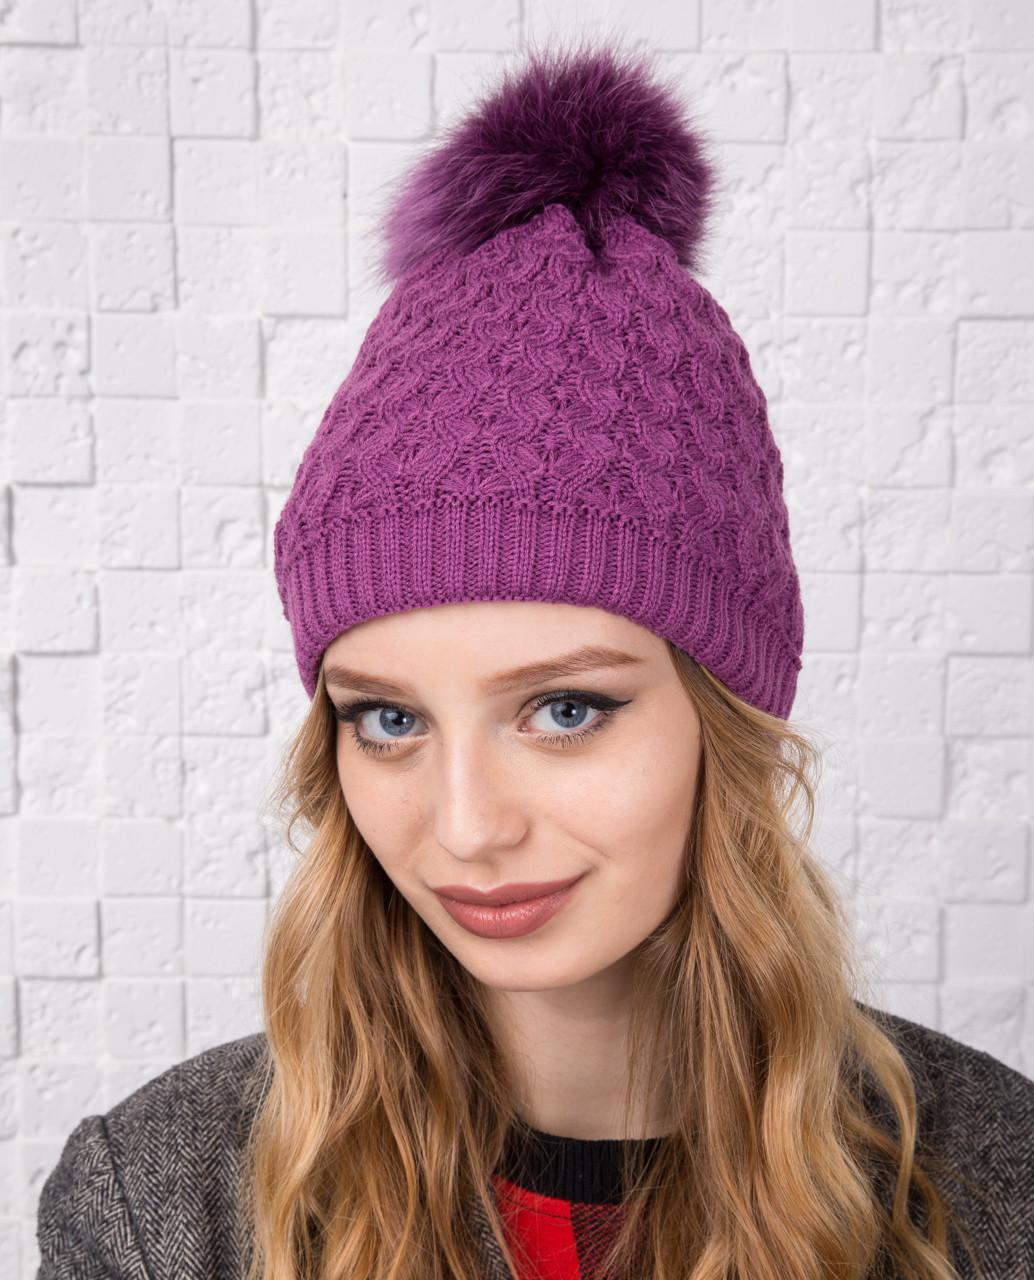 Вязанная женская шапка с меховым помпоном на зиму - Арт 12А (фиолет)